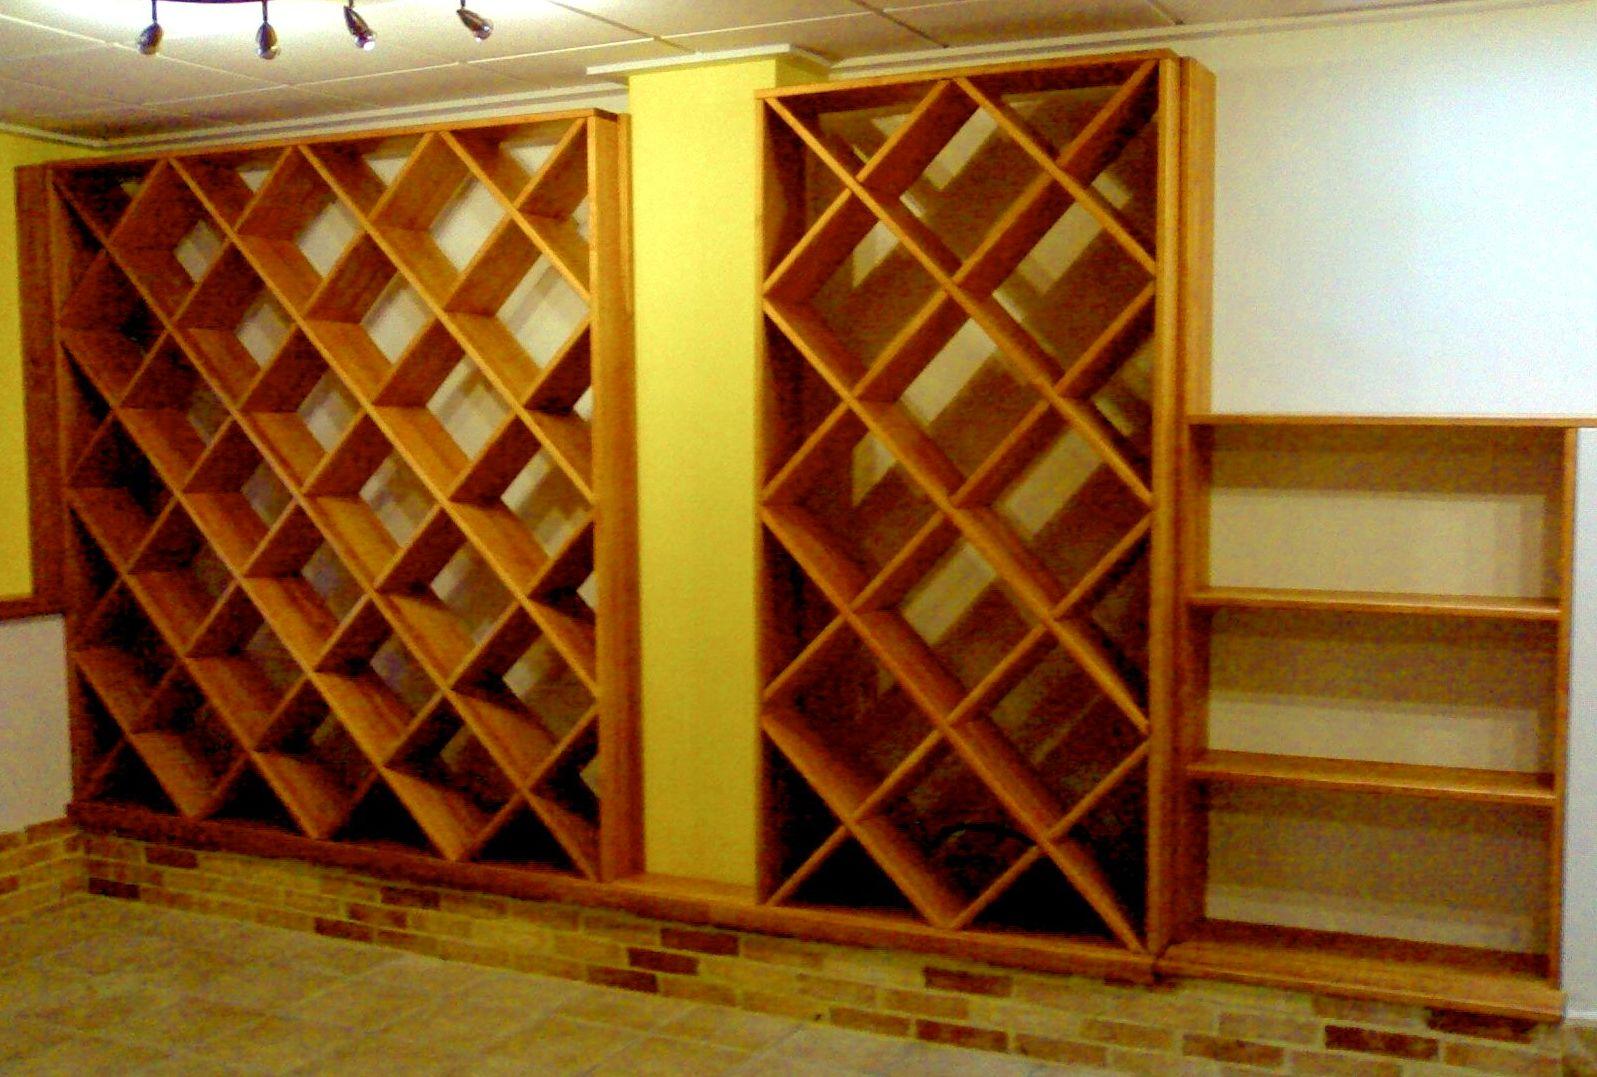 Instalación botelleros de madera